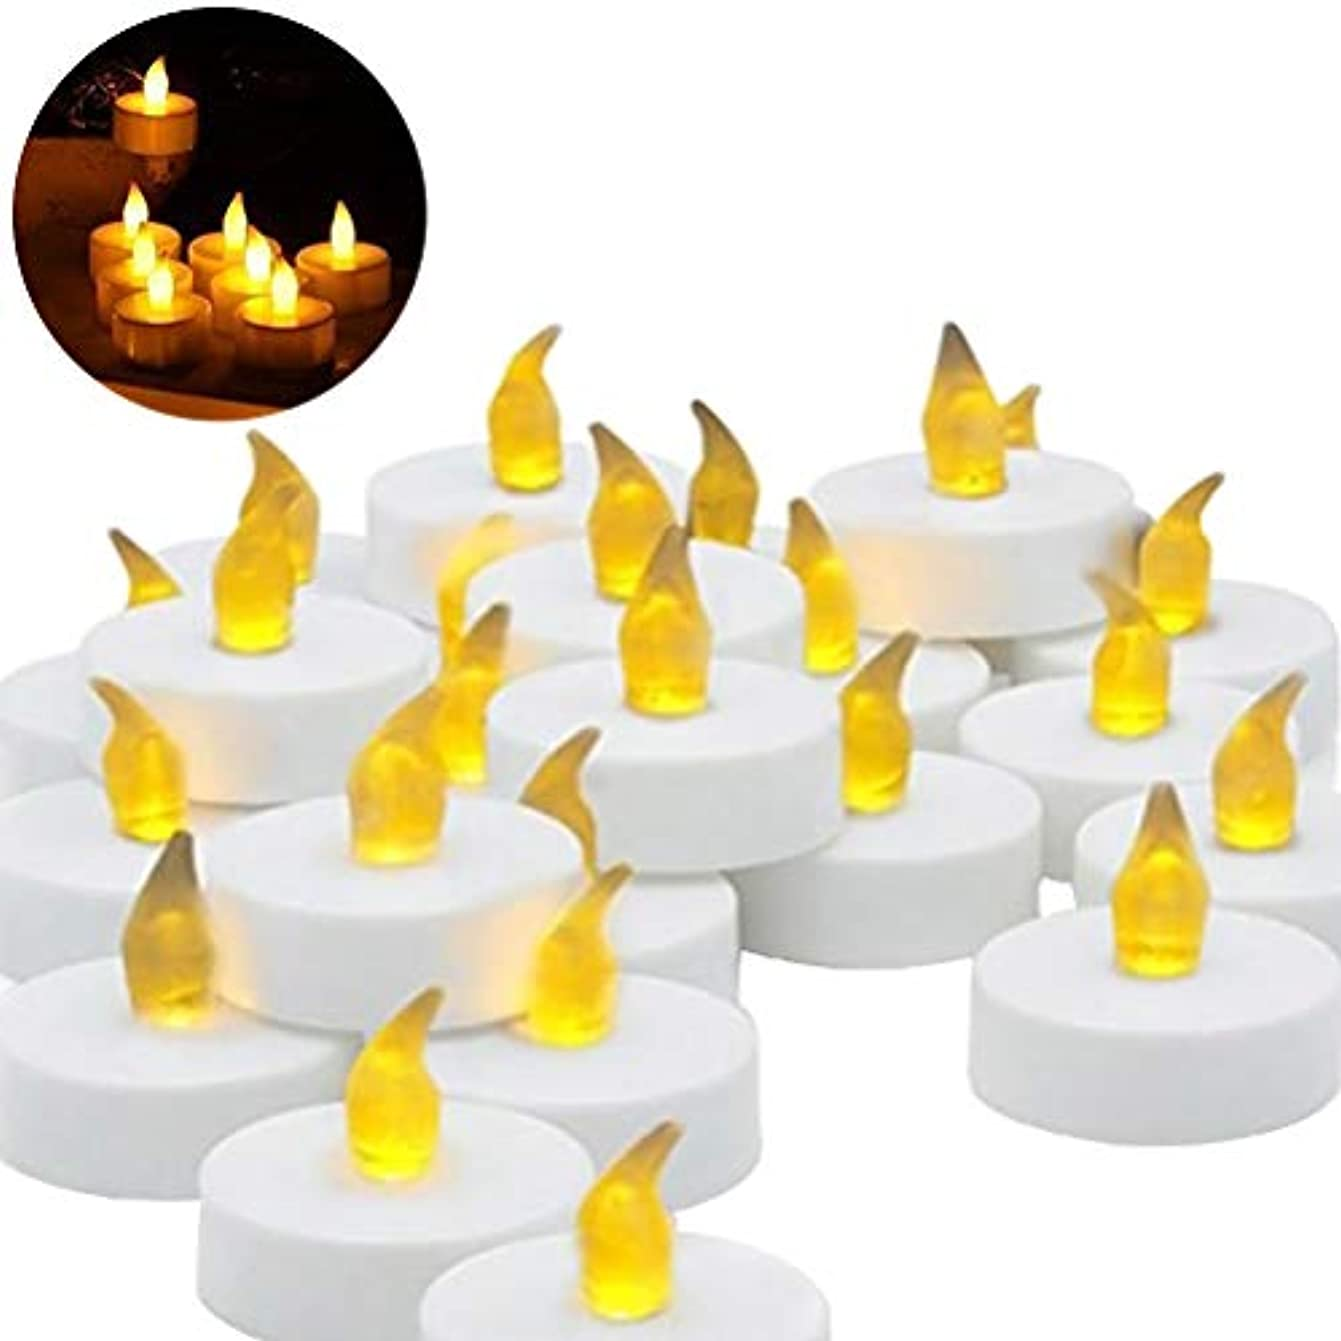 アピール表向きテレマコスLEDMOMO キャンドル LED 誕生日キャンドル プラスチック 無炎 フェスティバル 祭り 祝賀(白)